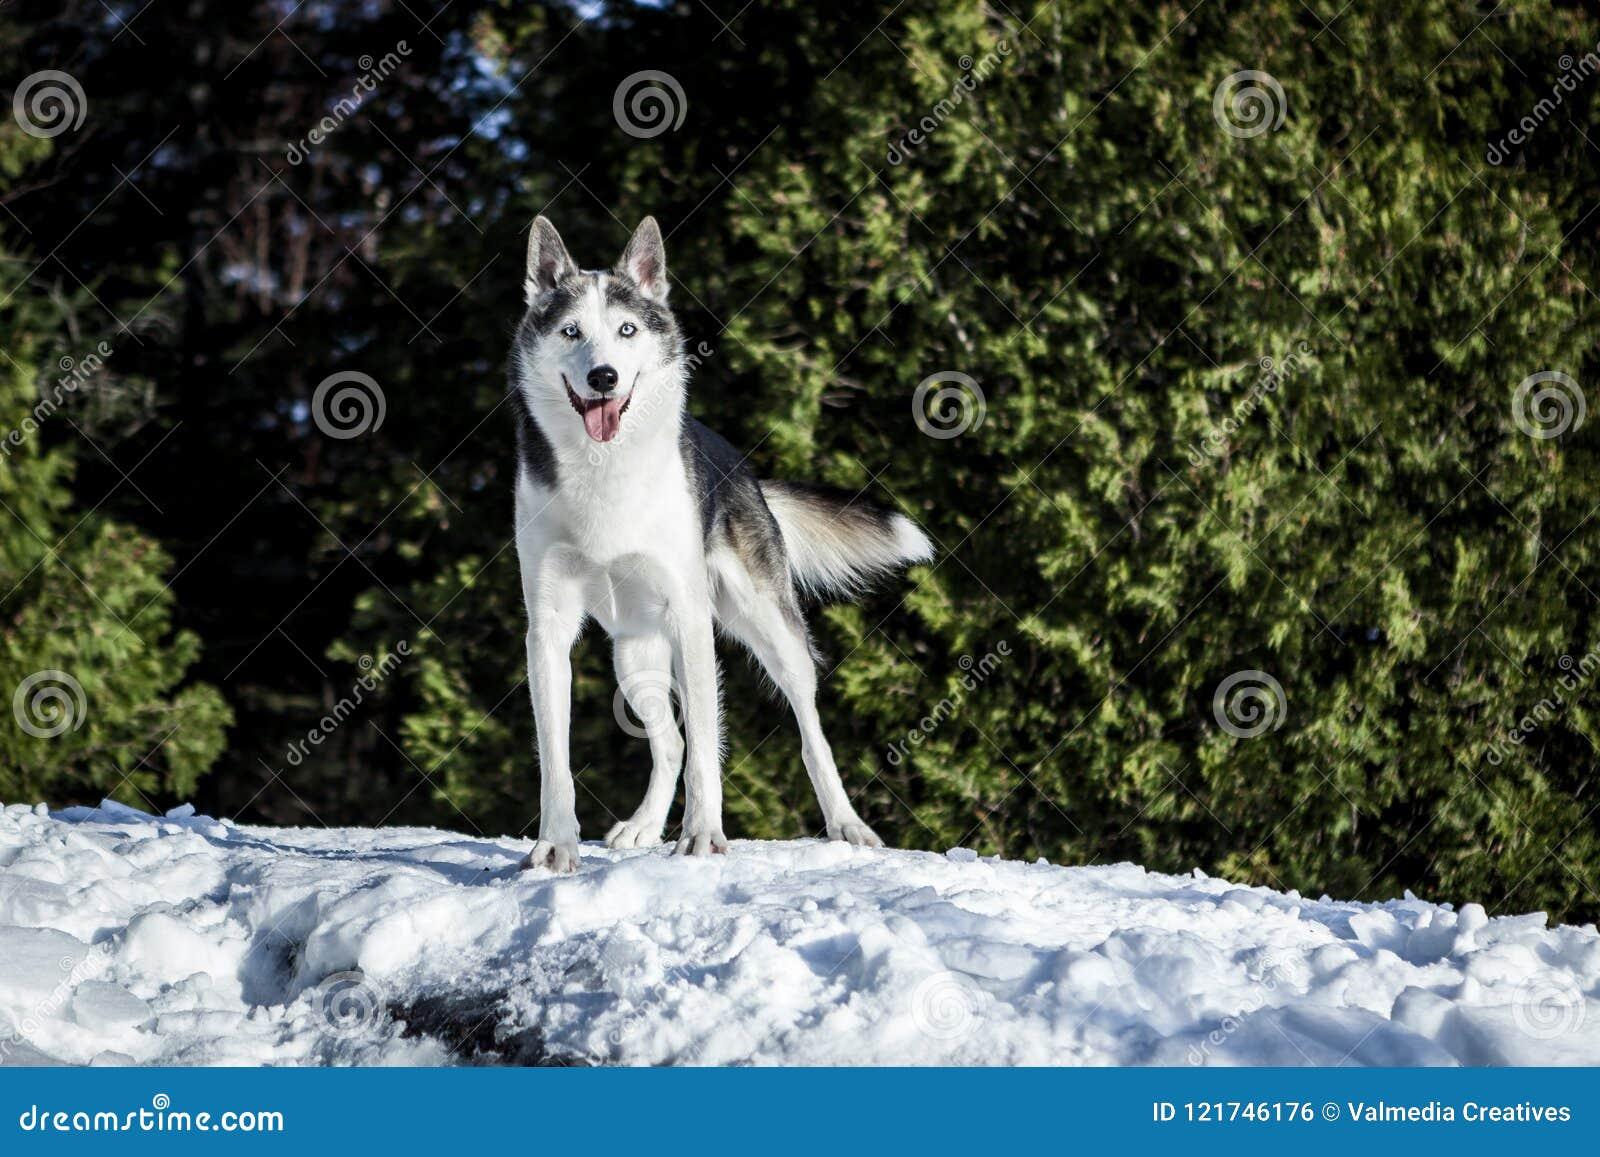 Perro fornido lindo que camina alrededor de la montaña